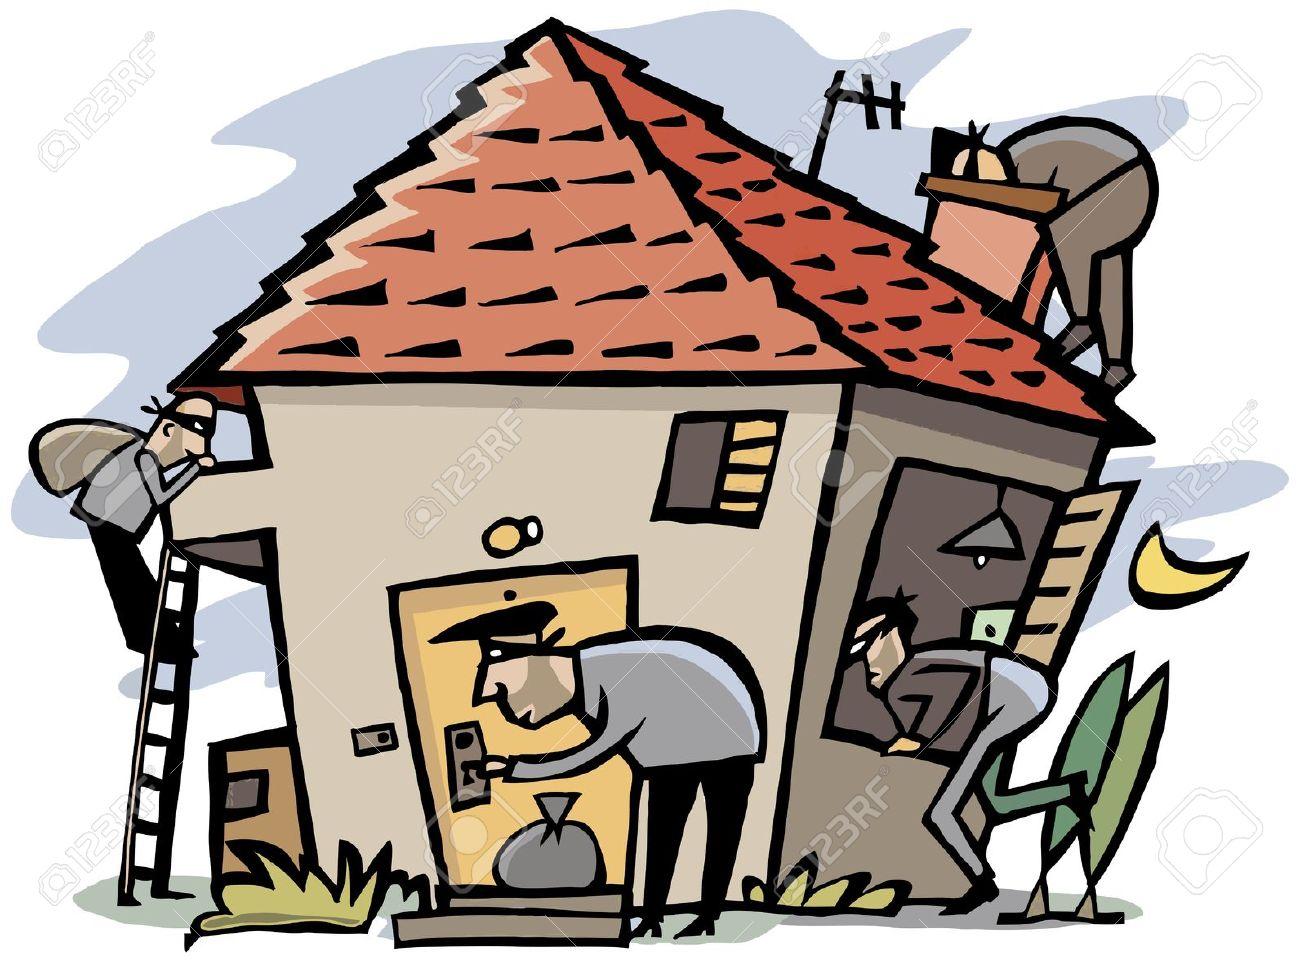 Burglar clipart. Home burglary